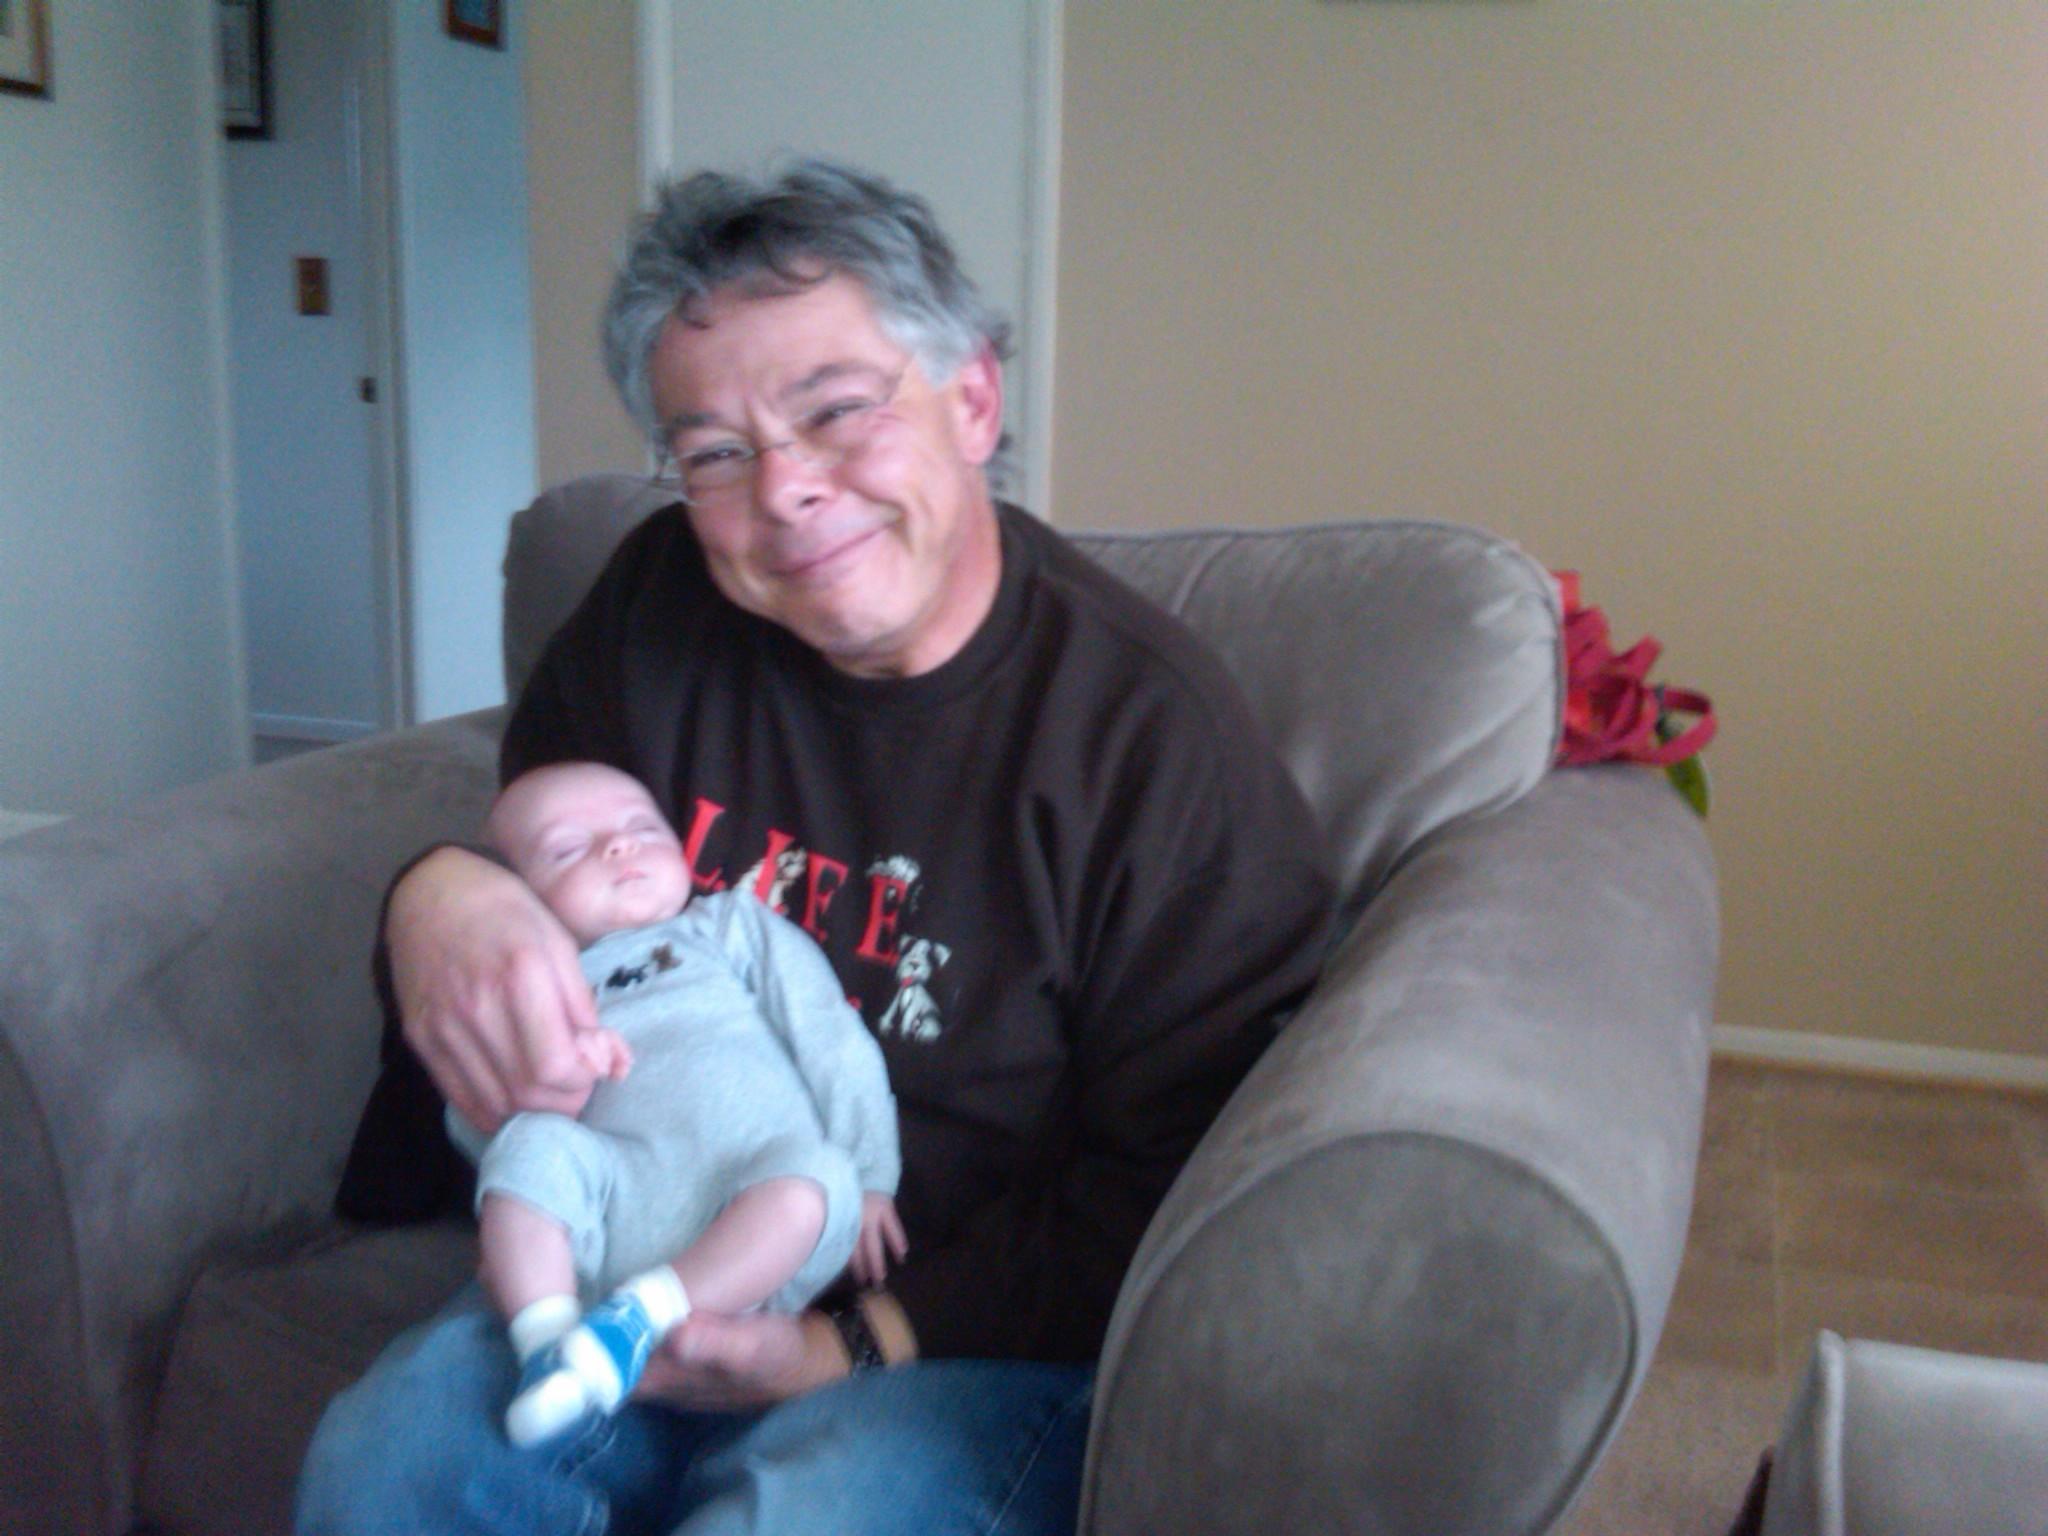 me and Dawn's baby 7 weeks old - Copy.jpg